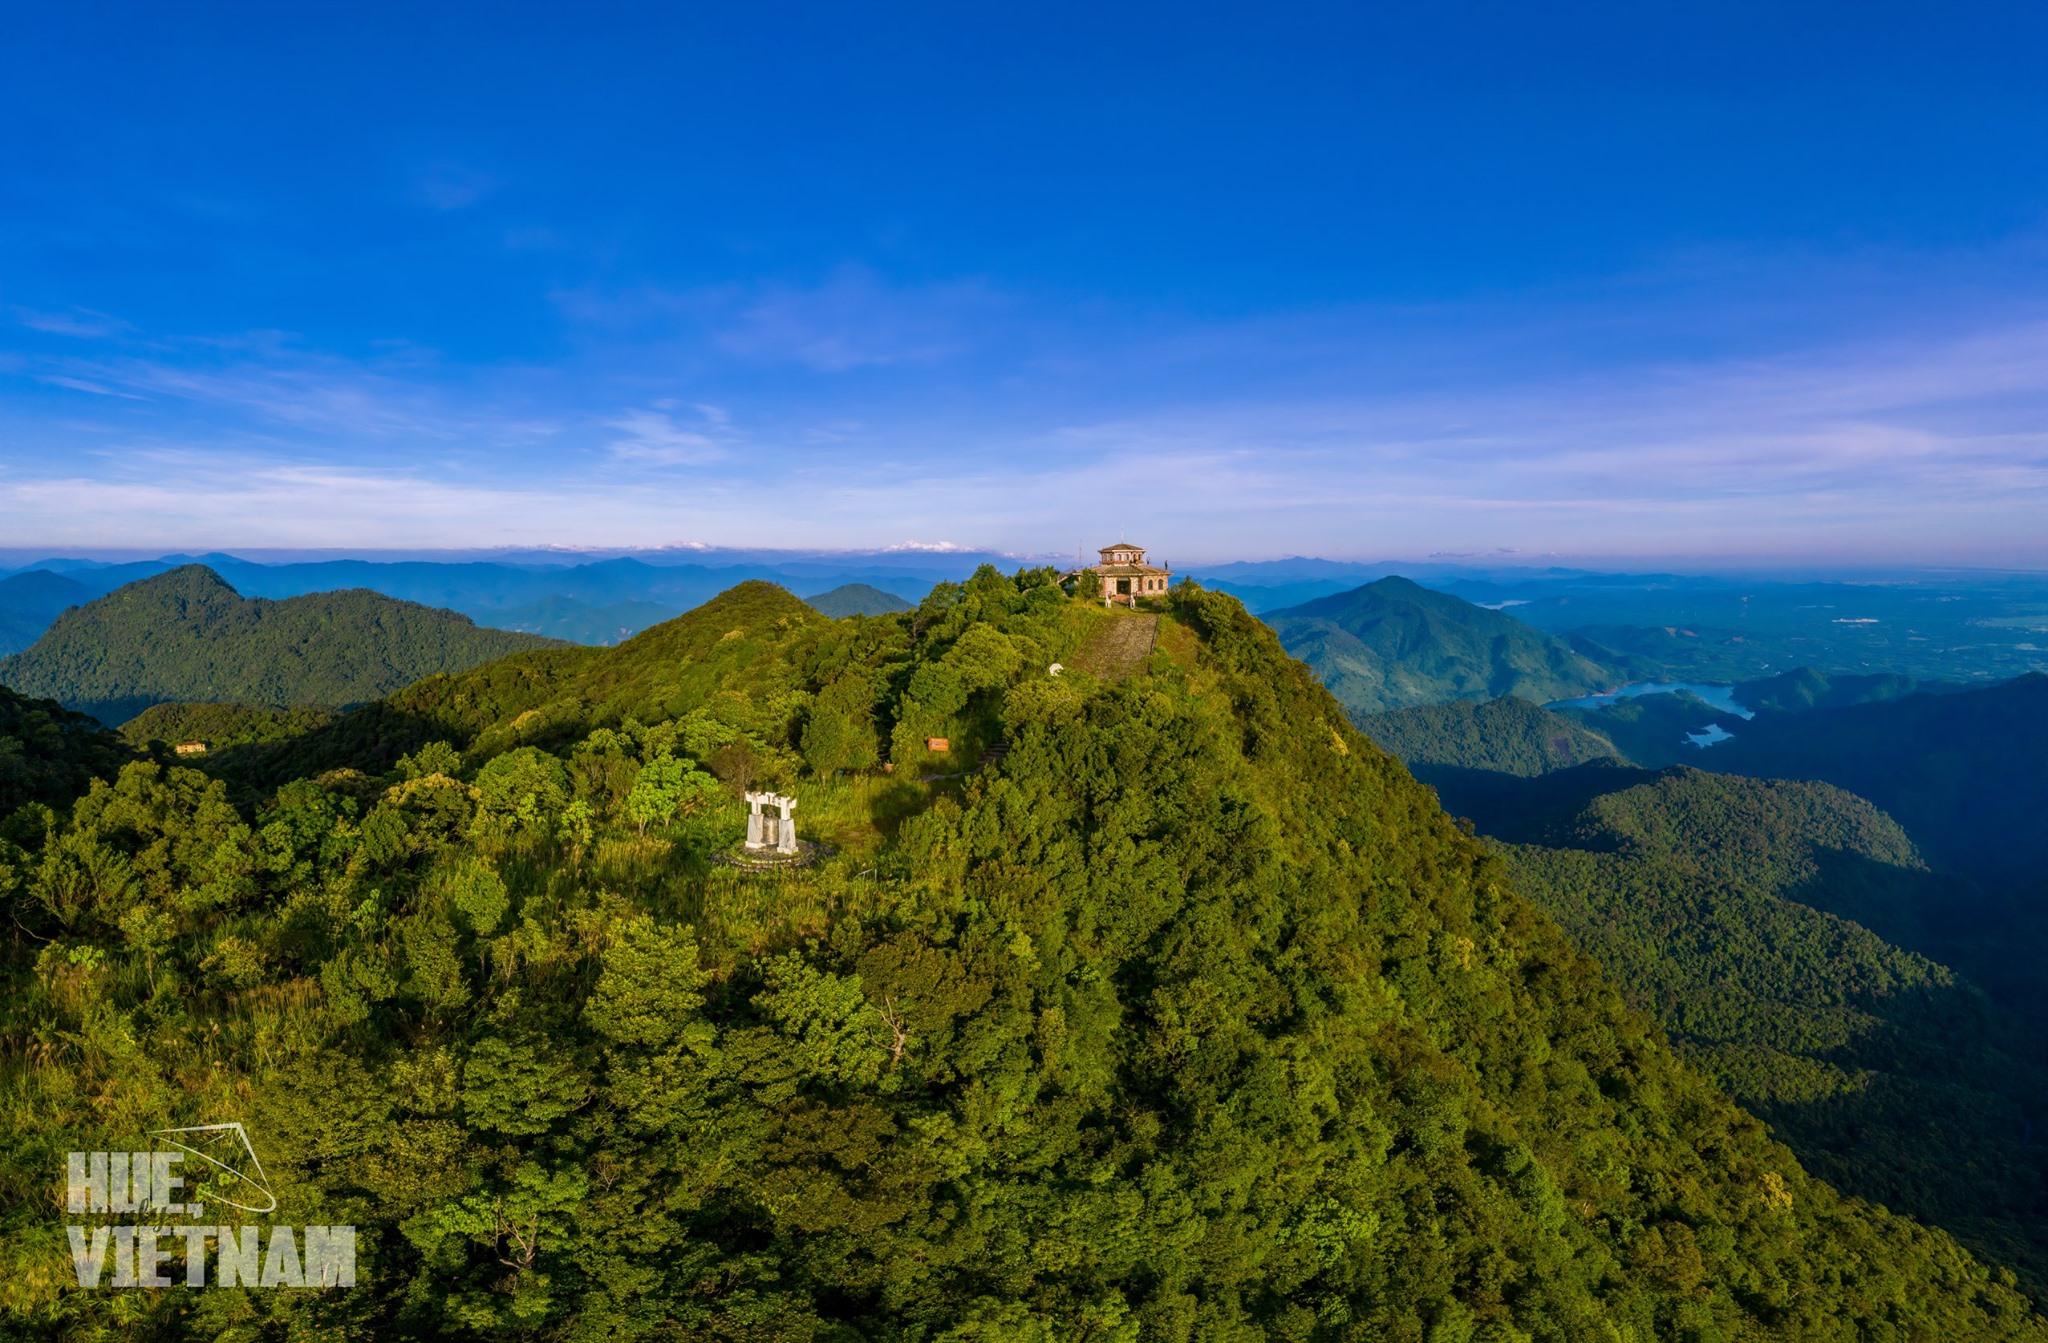 Vườn quốc gia Bạch Mã. Hình: Hue, truly Vietnam